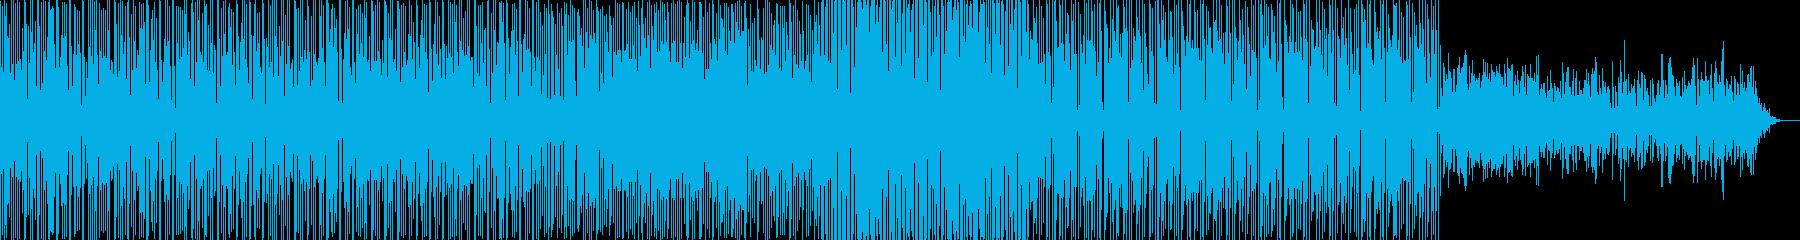 ラテンっぽい クリアなギターがメインの再生済みの波形